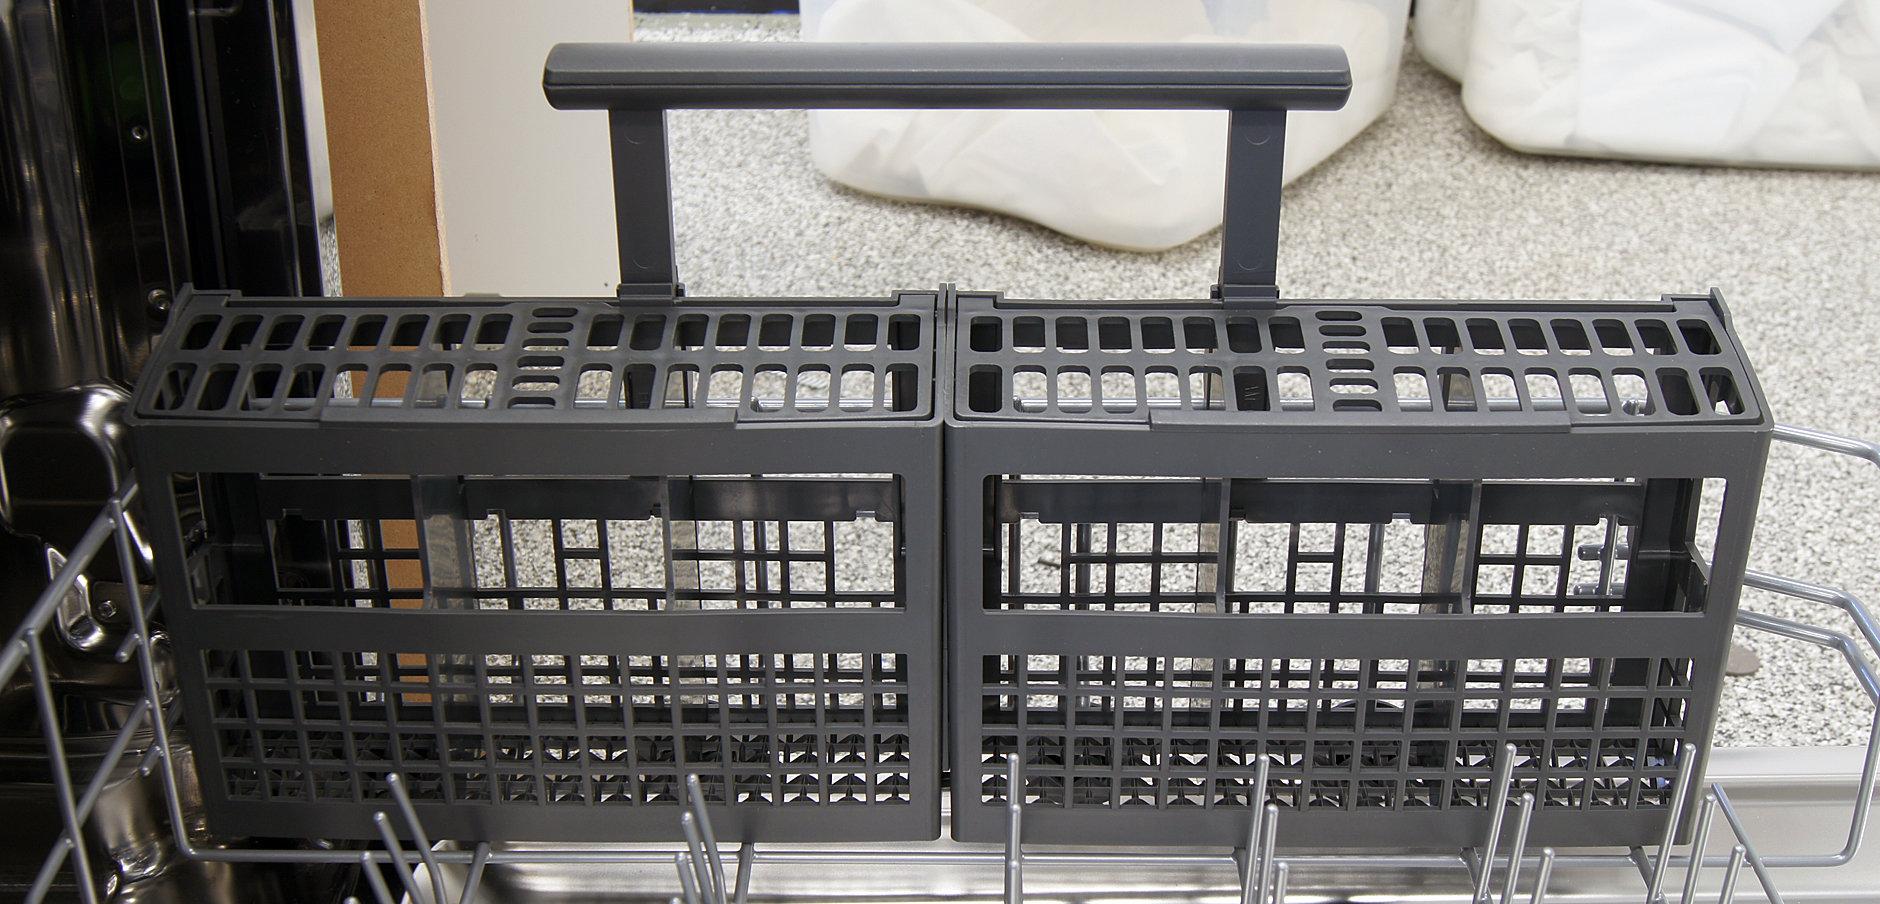 Electrolux EI24ID30QS cutlery basket